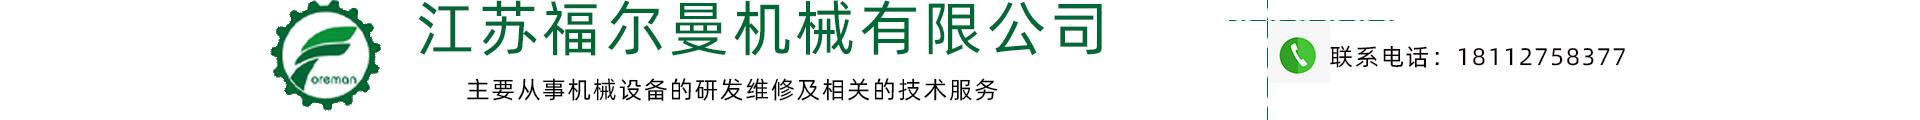 江苏福尔曼机械有限公司